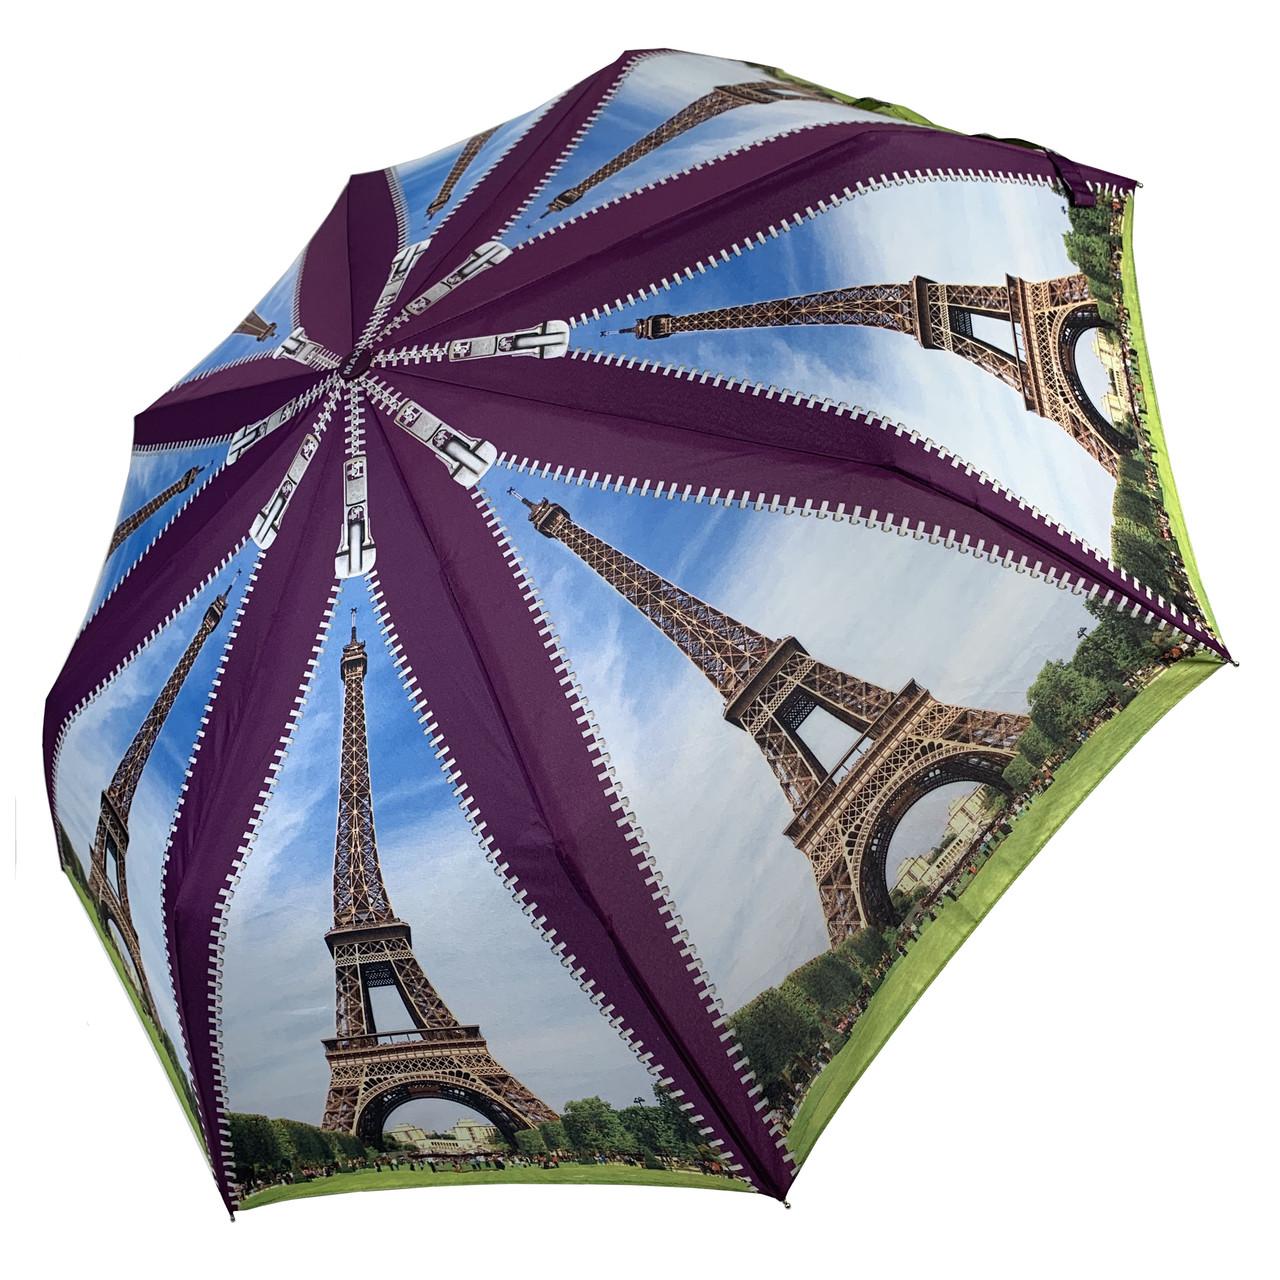 Женский складной зонт-полуавтомат с облегченным каркасом и Эйфелевой башней от Max, фиолетовая ручка, 314-3